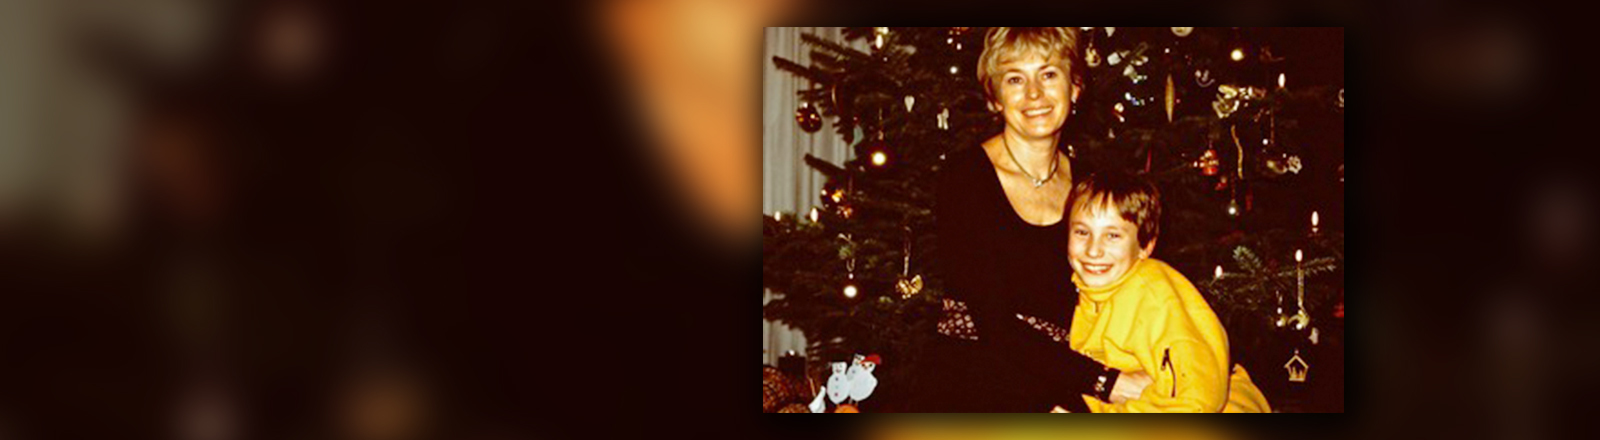 Anne und ihr Sohn Sven vorm Weihnachtsbaum